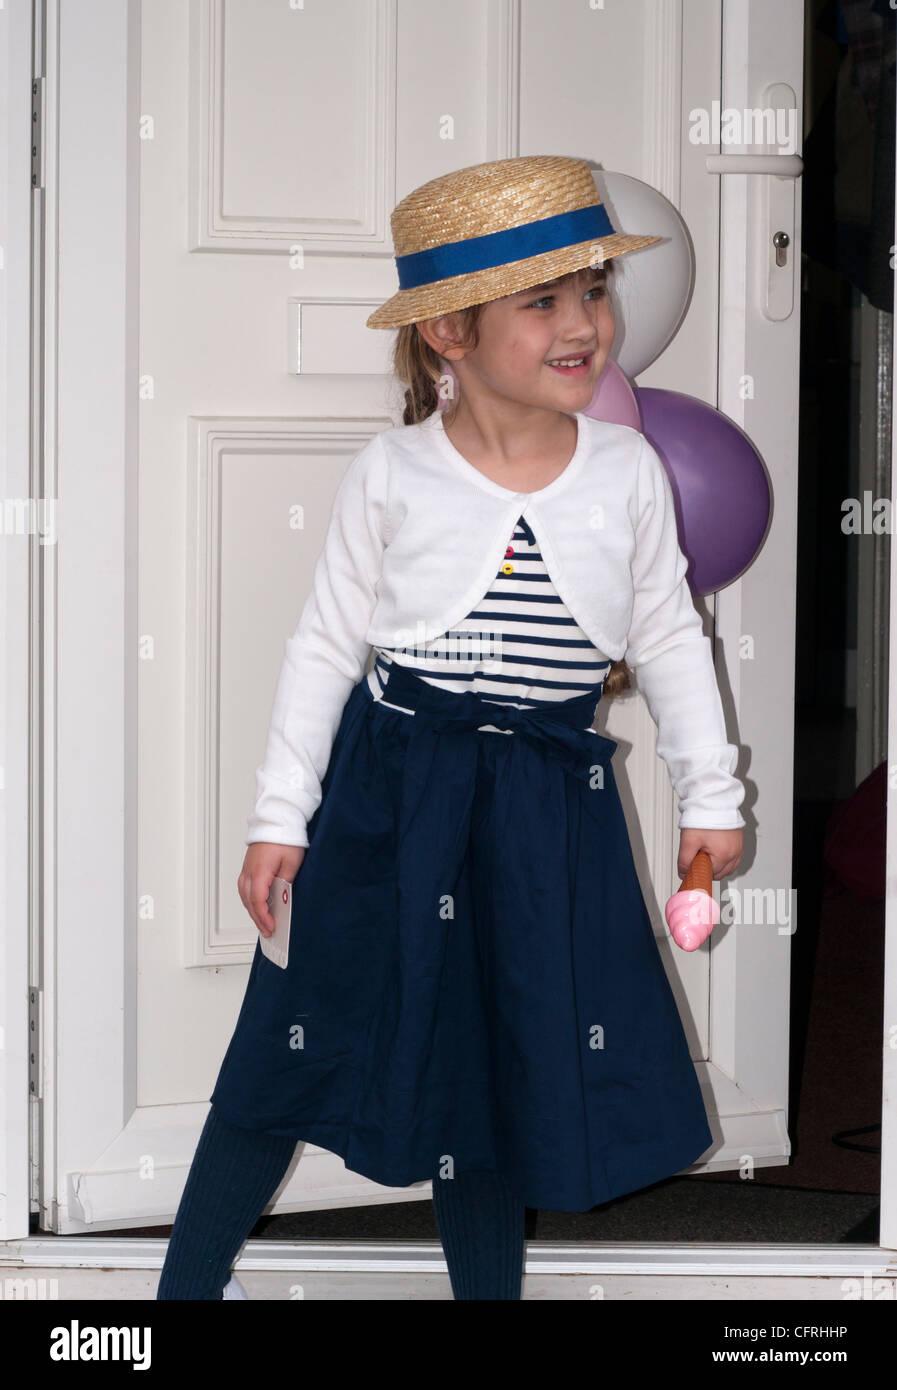 Niña Niño Bebé niño 4 años vistiendo un bonito vestido de fiesta y un  sombrero de paja bf37b342264